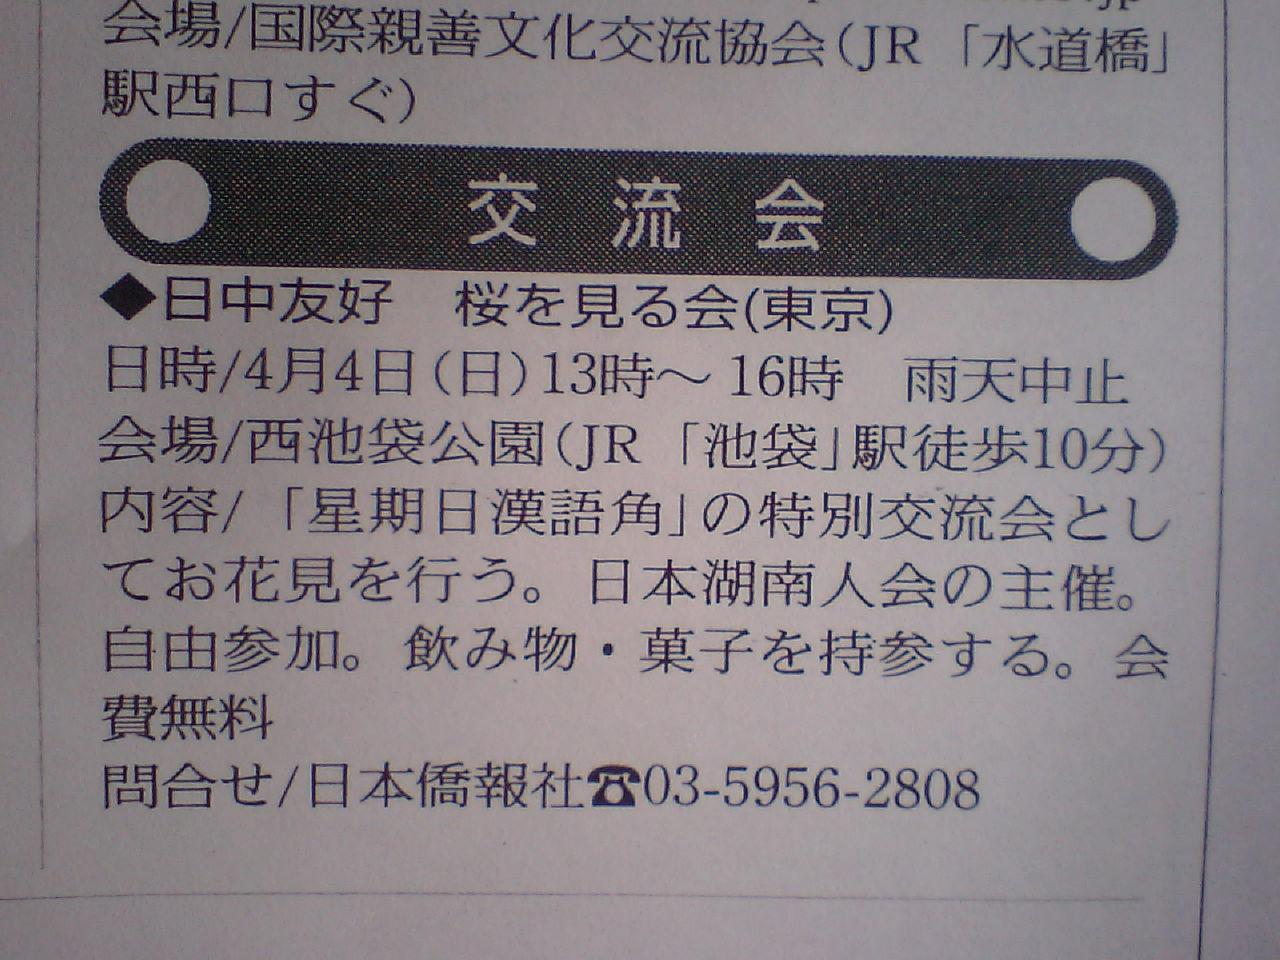 日本湖南人会主催の日中友好花見の案内 日中友好協会機関紙に_d0027795_983117.jpg